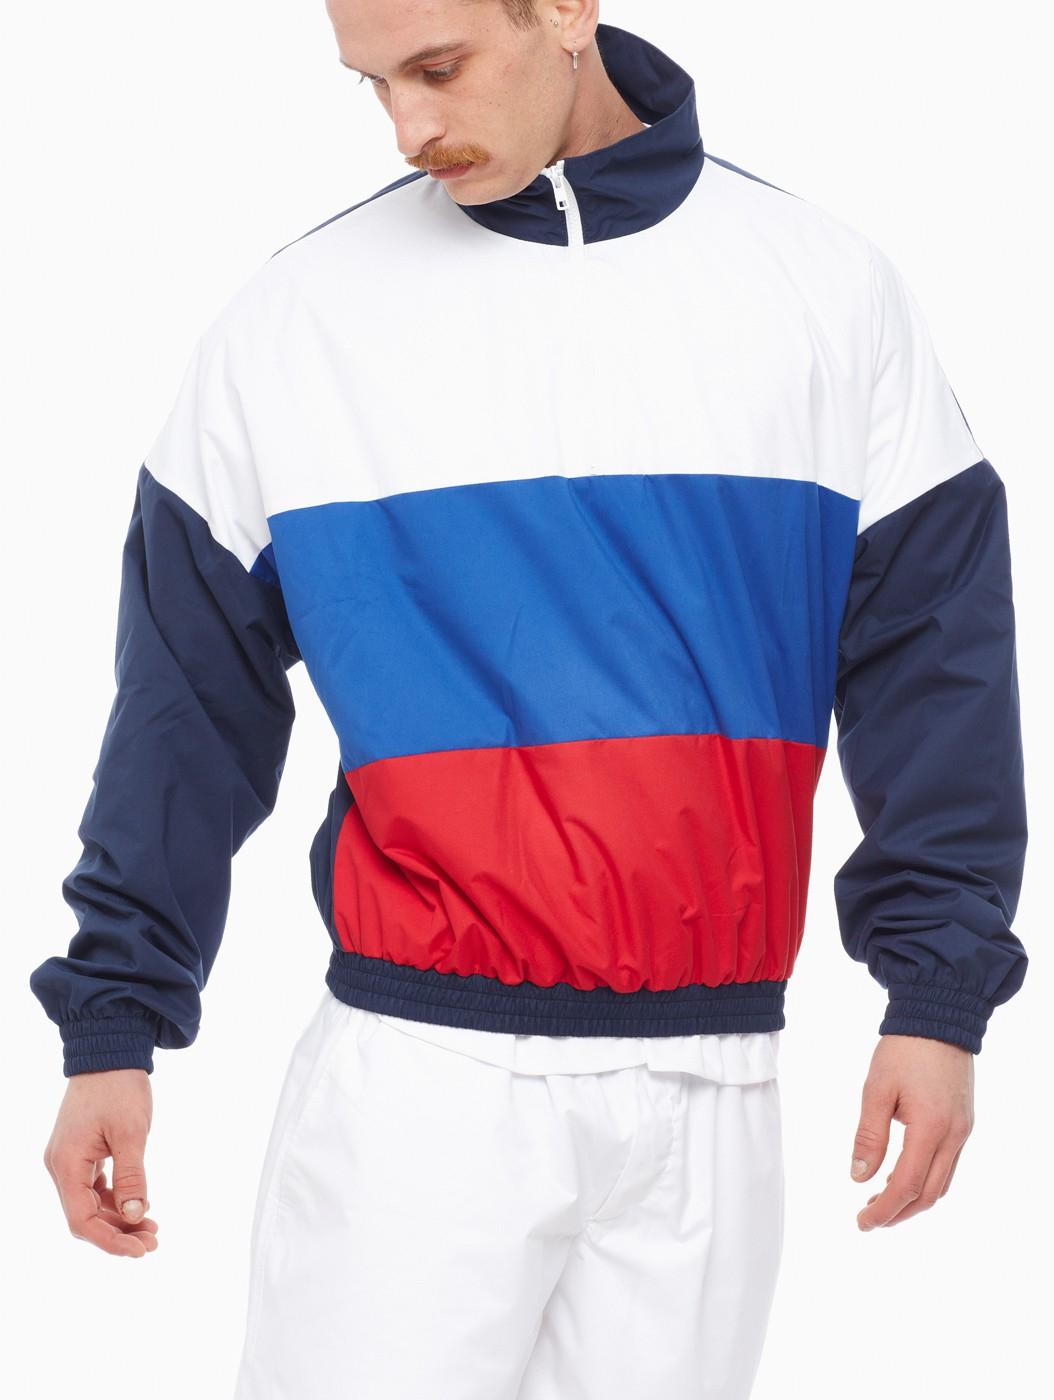 Orslow Clothing Uk